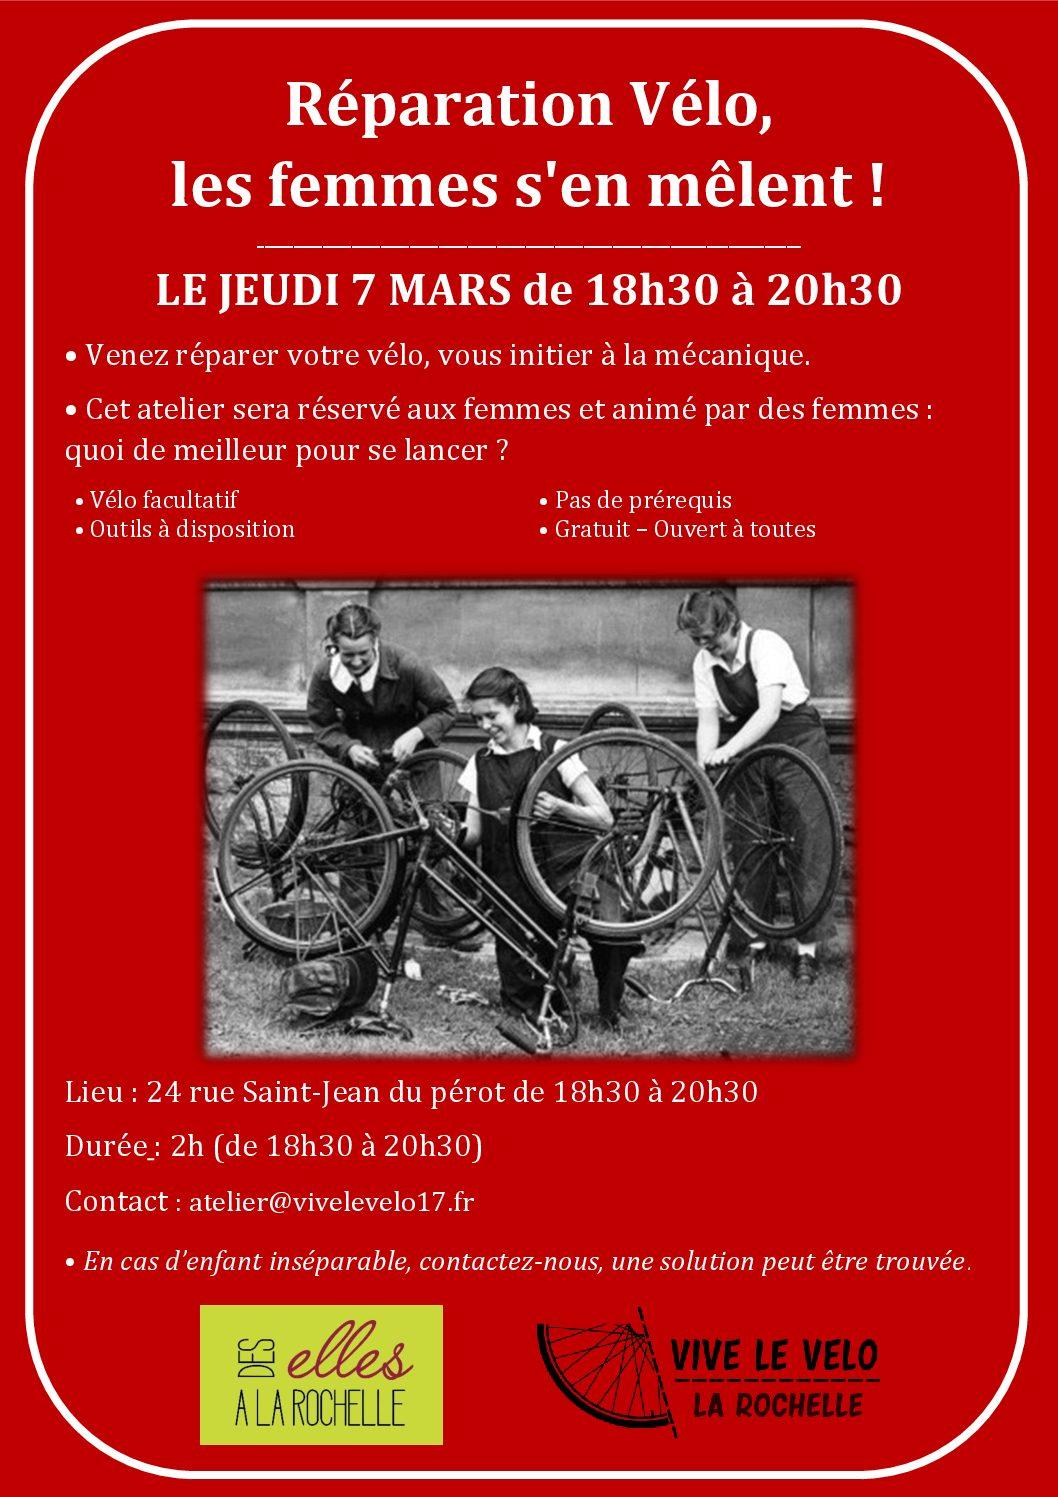 Réparation Vélo, les femmes s'en mêlent !